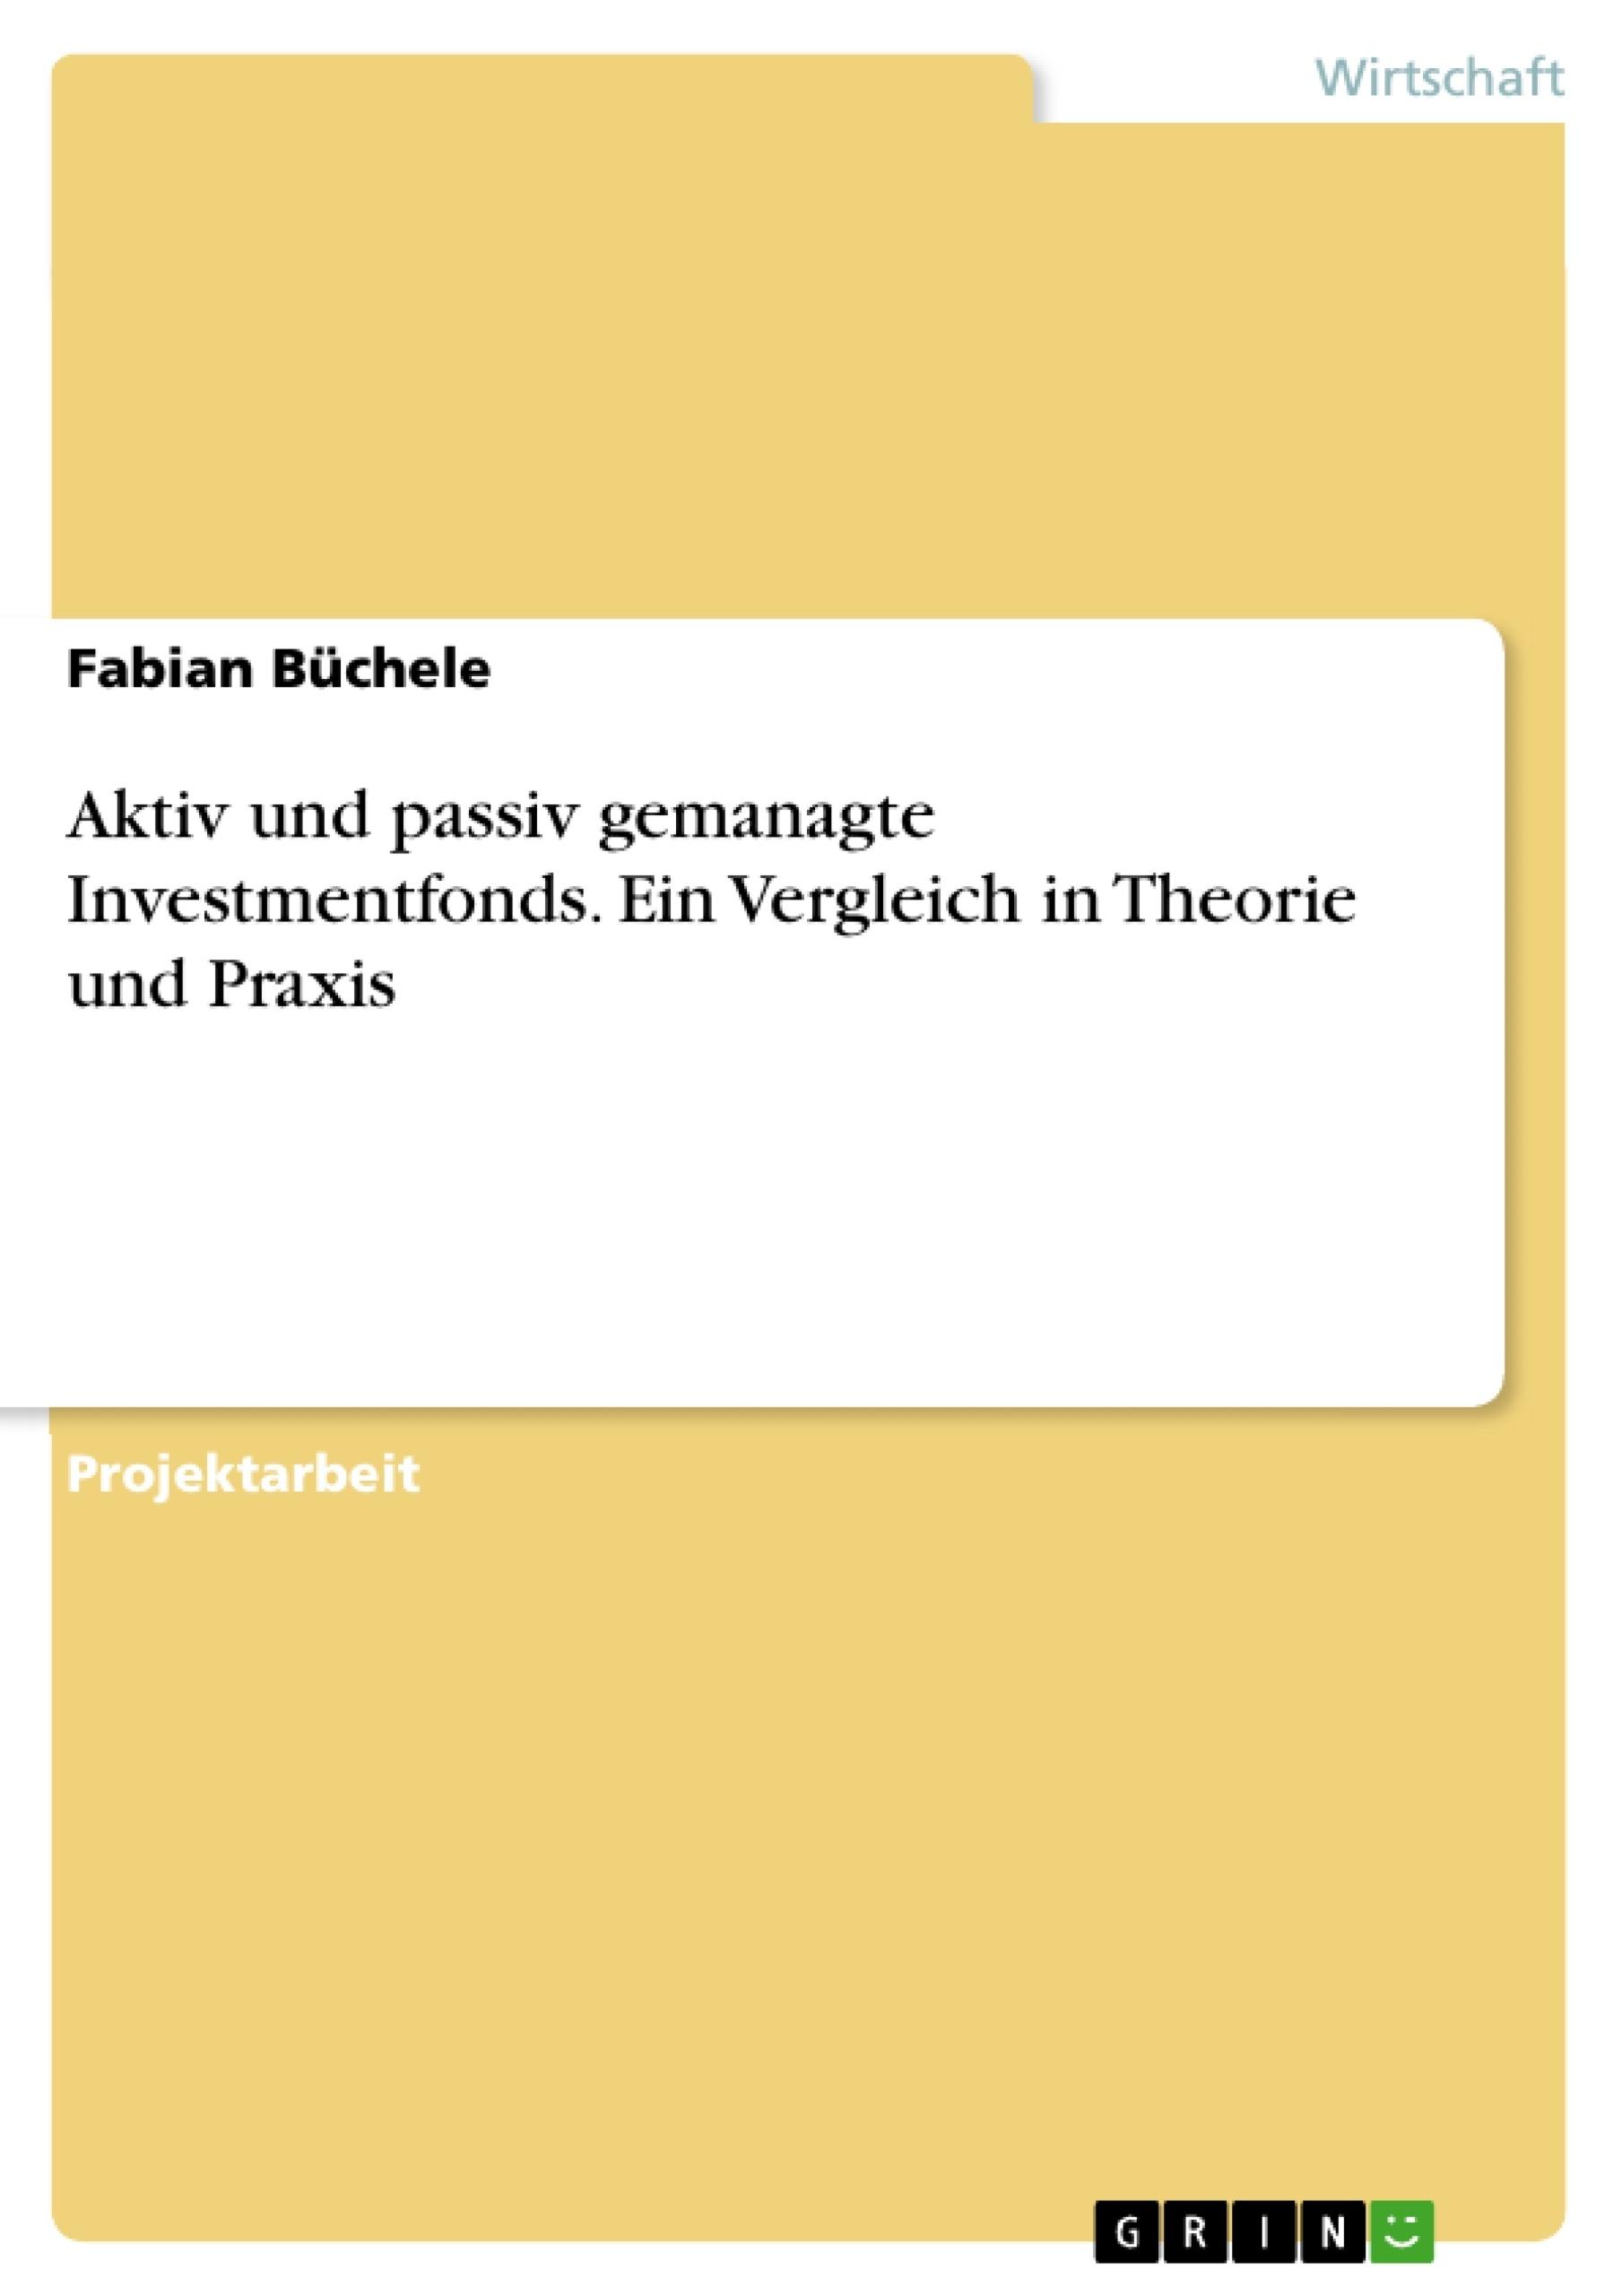 Titel: Aktiv und passiv gemanagte Investmentfonds. Ein Vergleich in Theorie und Praxis